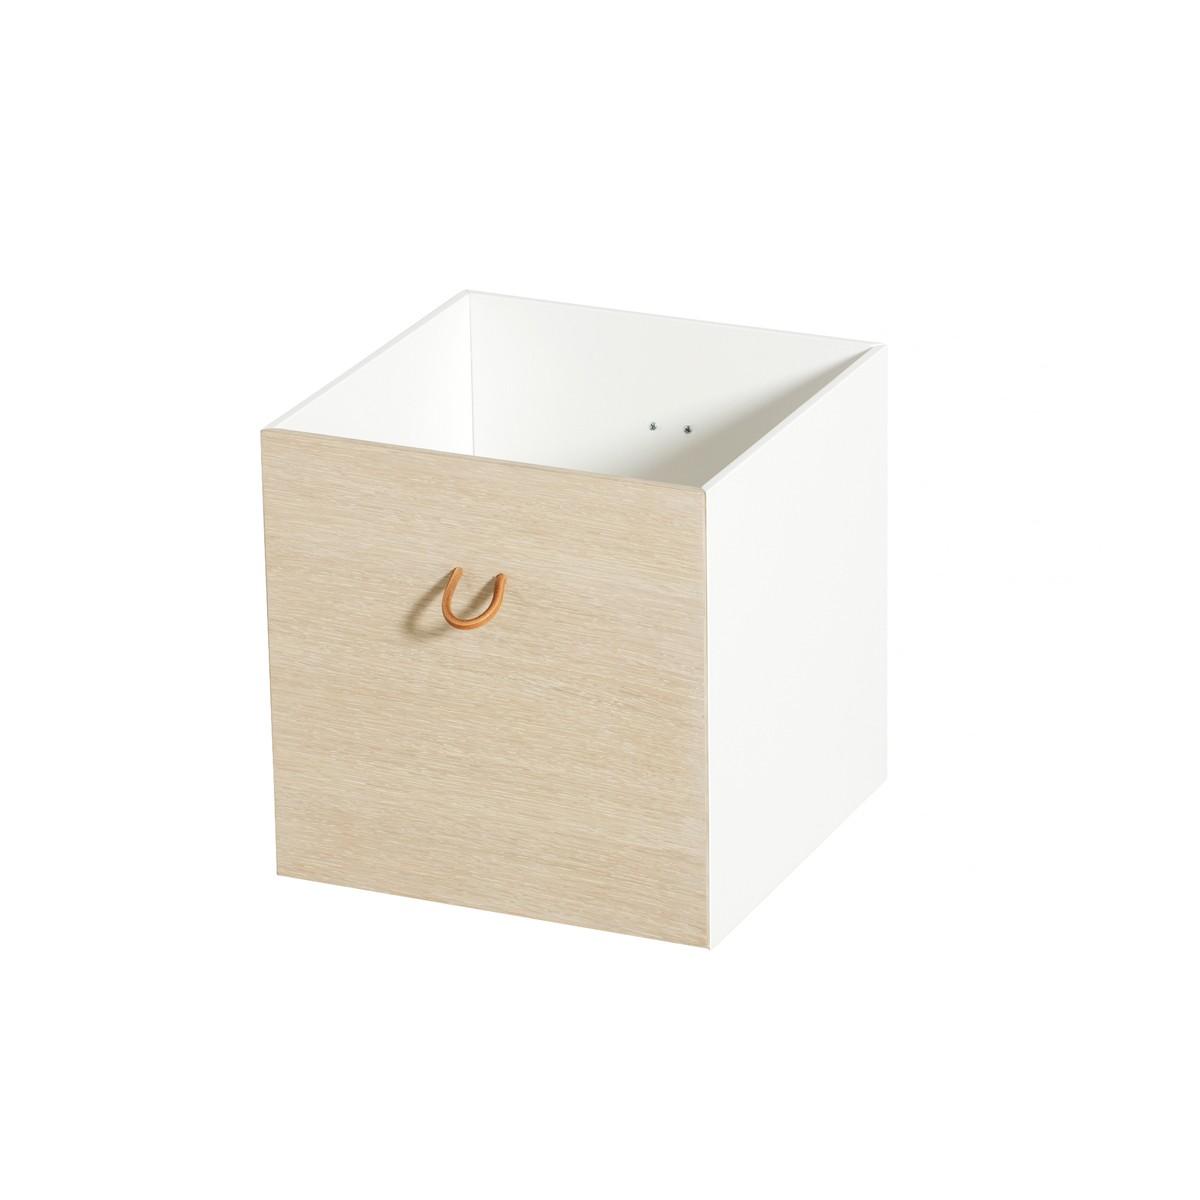 Förvaringslådor Wood Collection 3-set, Oliver Furniture